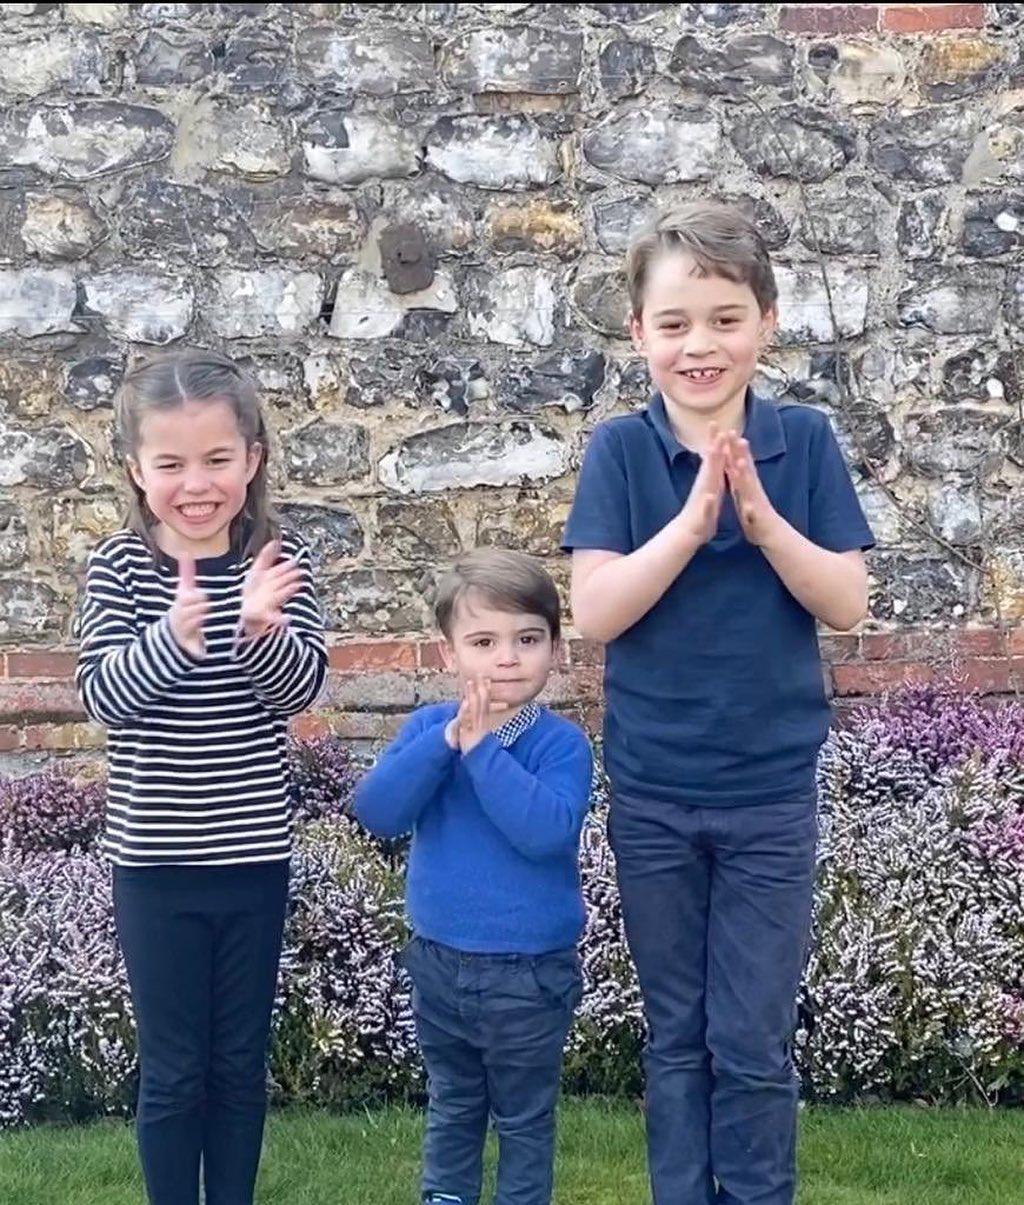 Діти герцогів Кембриджських поплескали лікарям у зворушливому відео / скрін відео